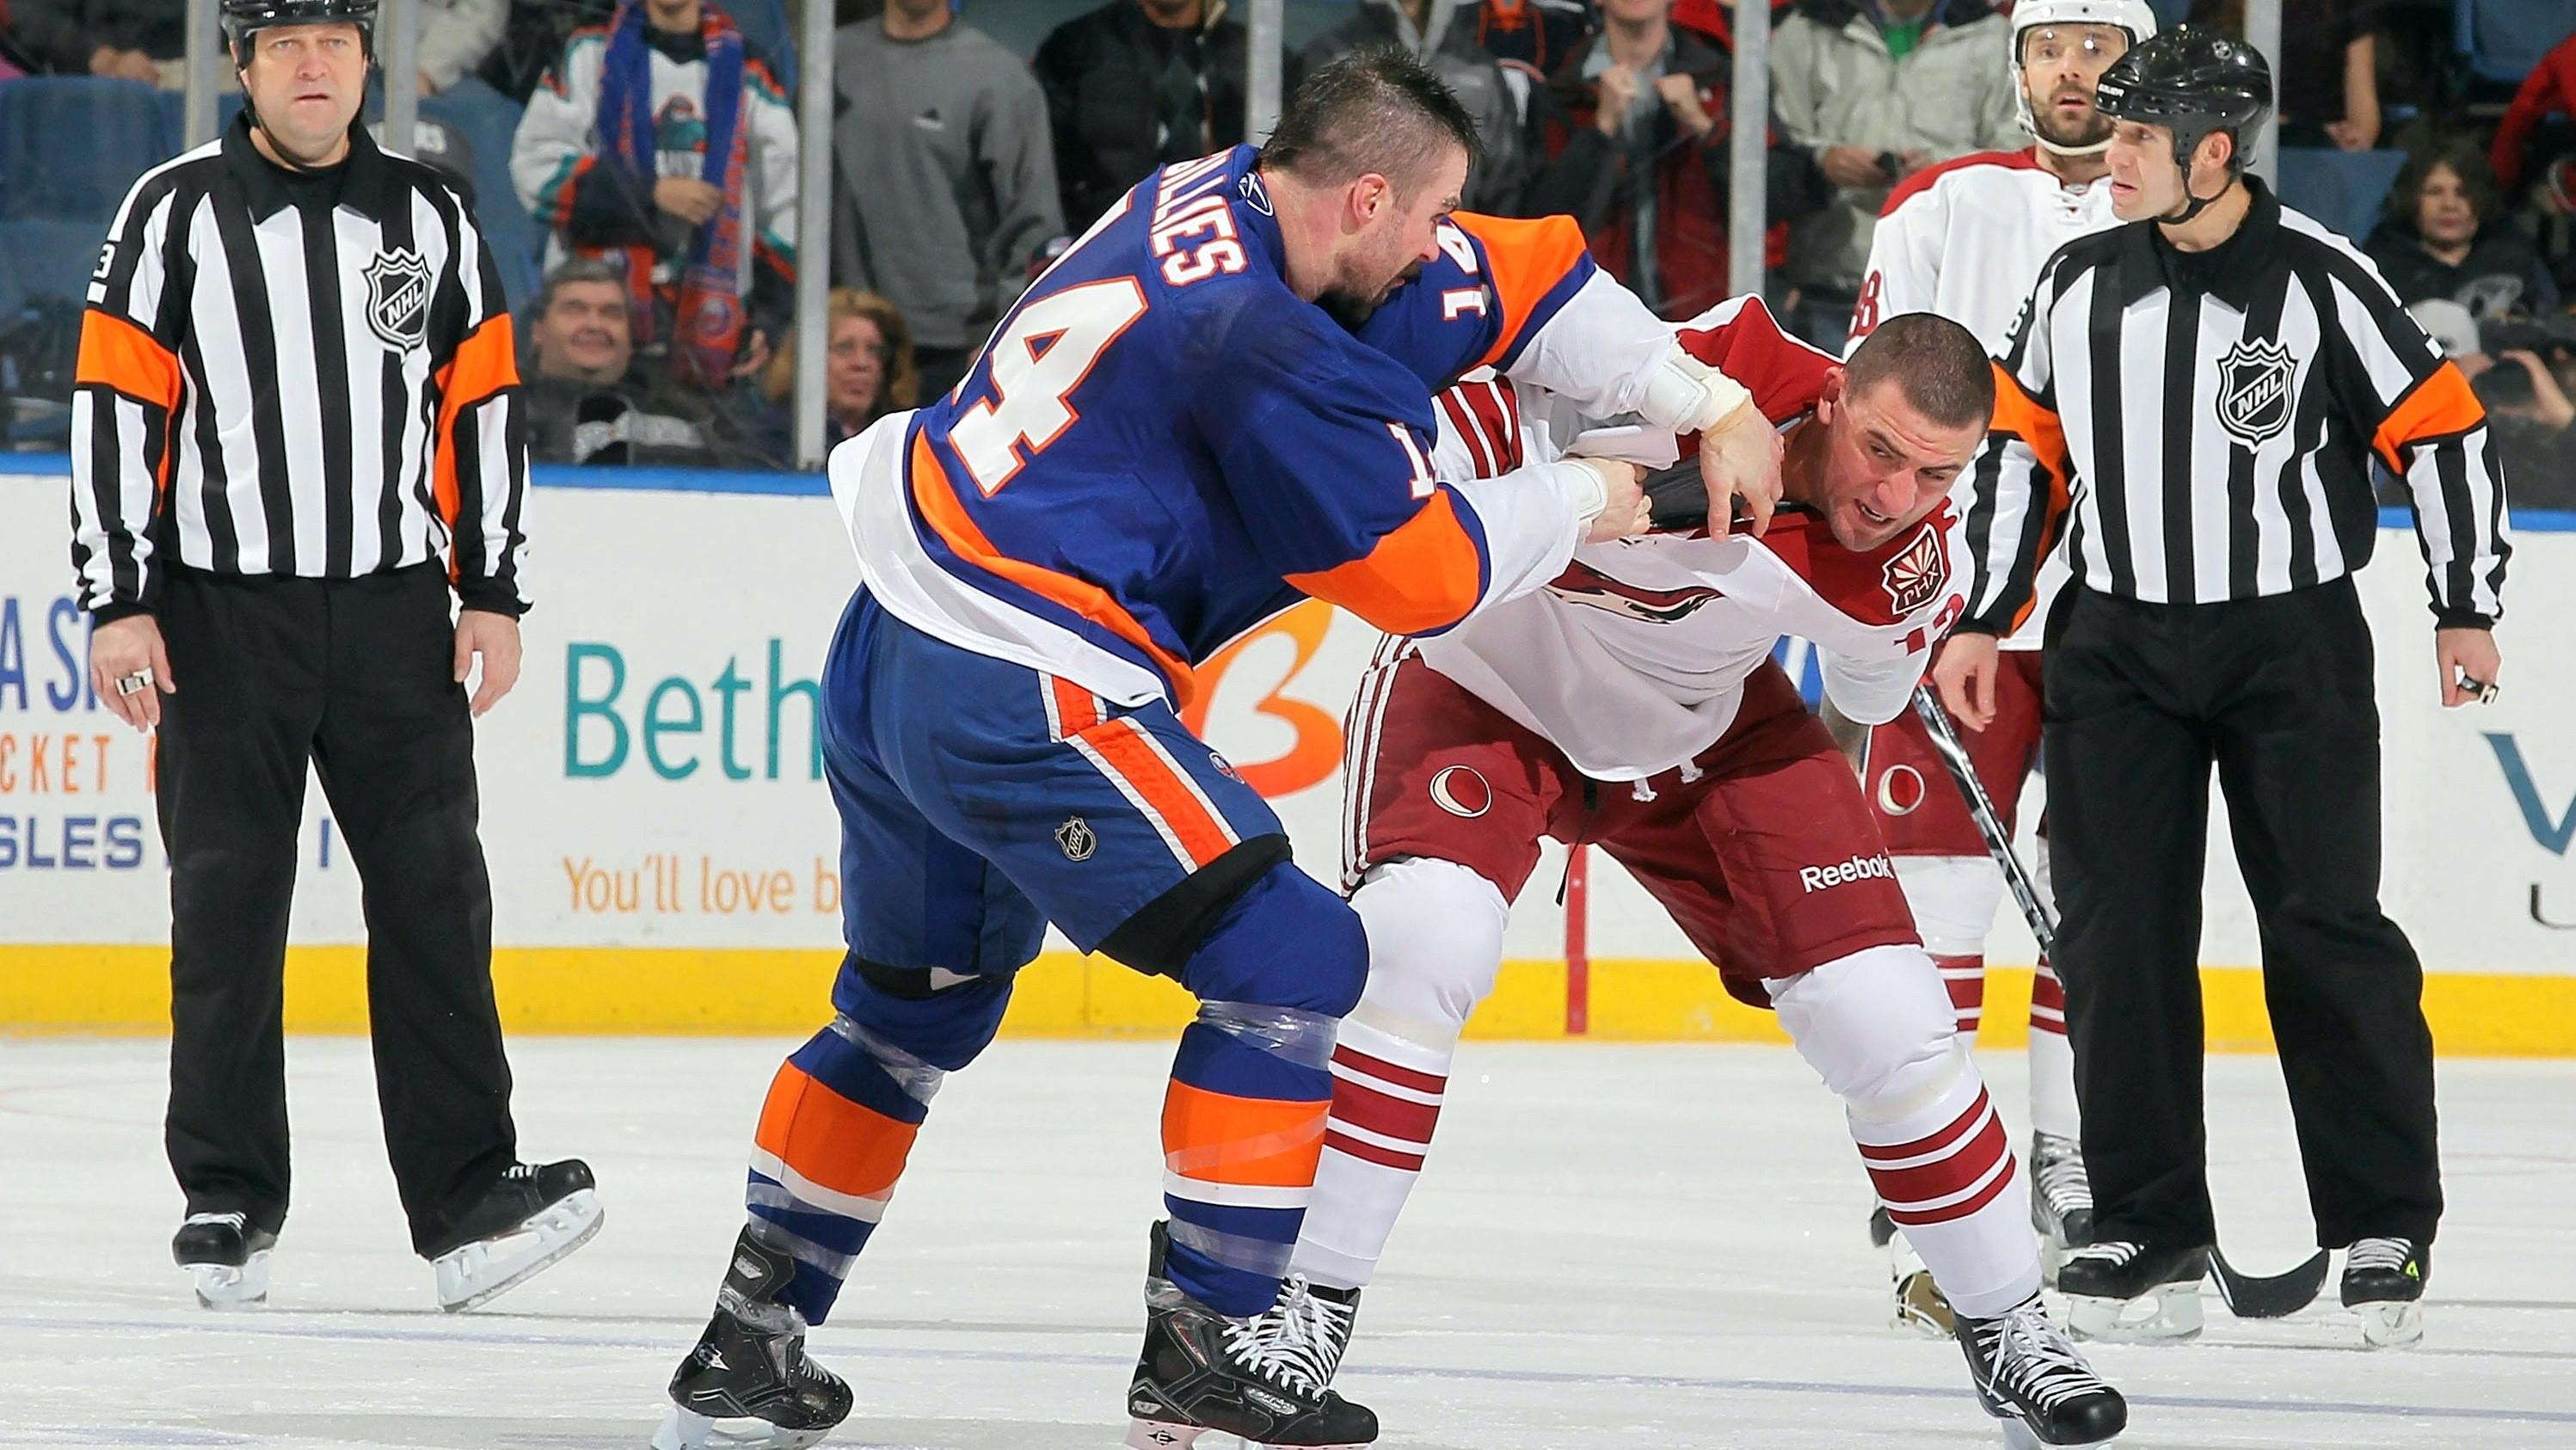 Bitkár_Trevor_Gillies_hokej